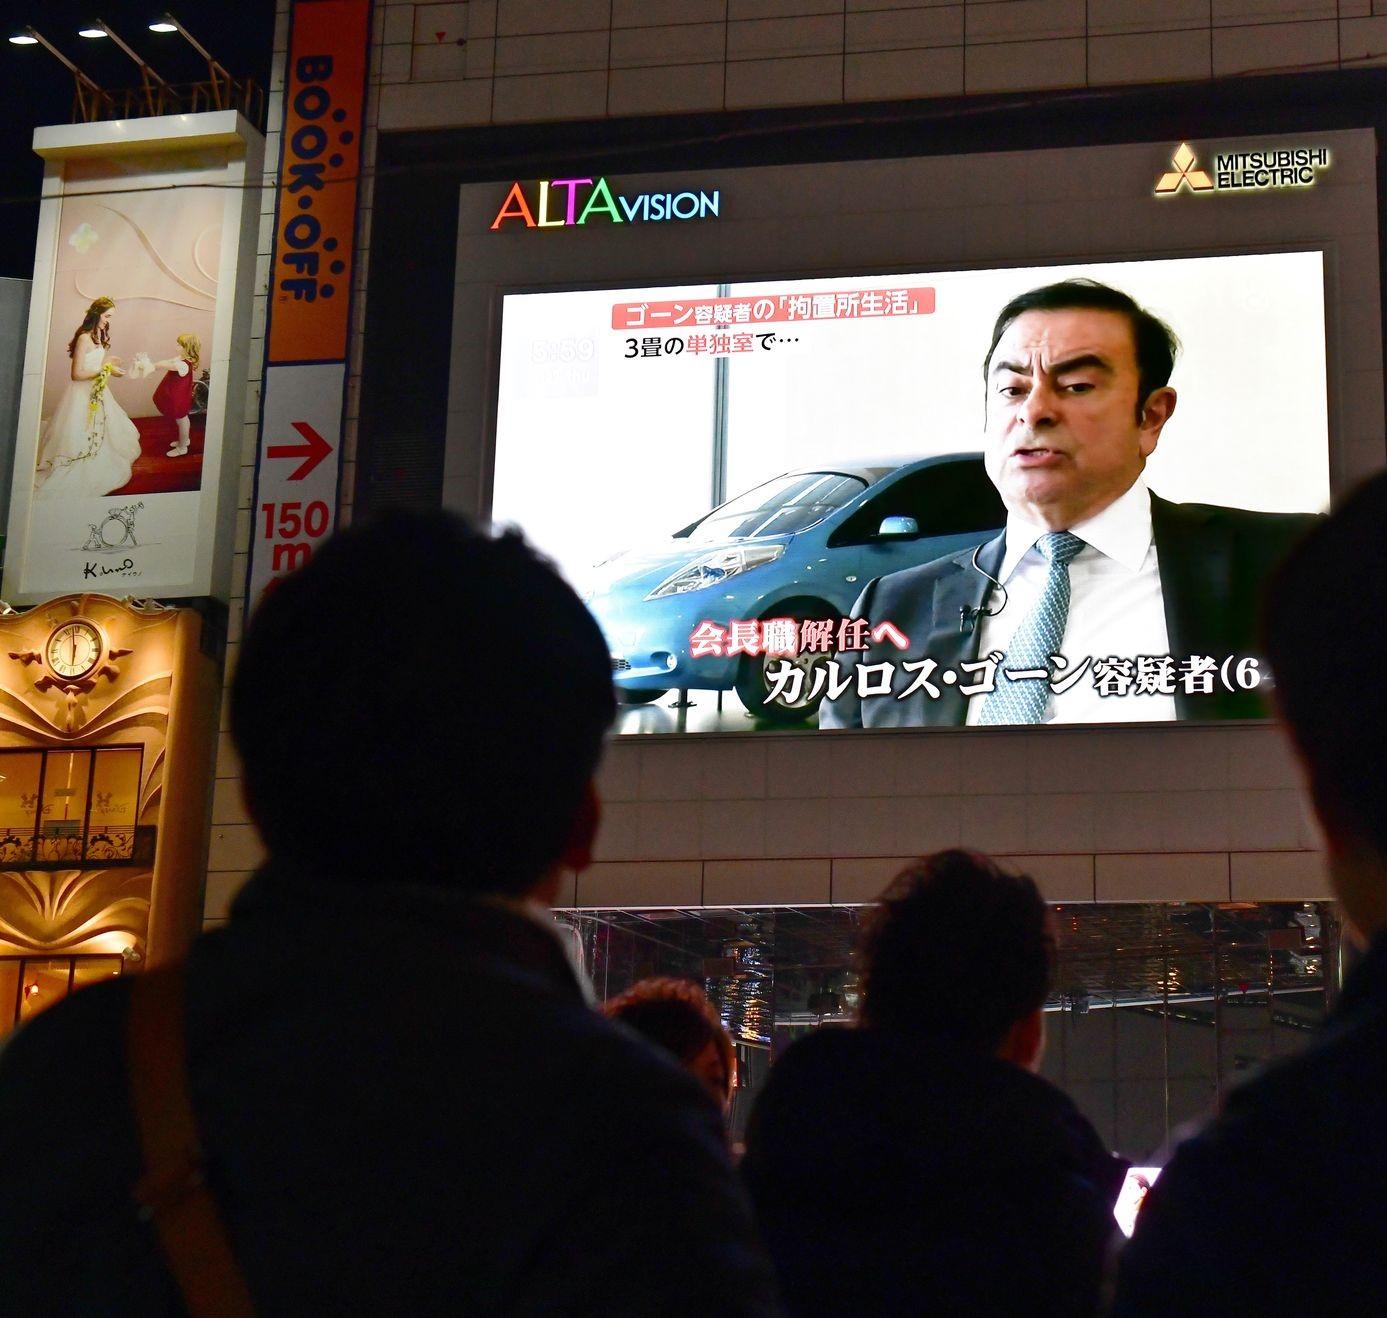 صورة محكمة طوكيو توافق على الإفراج عن معاون غصن مقابل كفالة